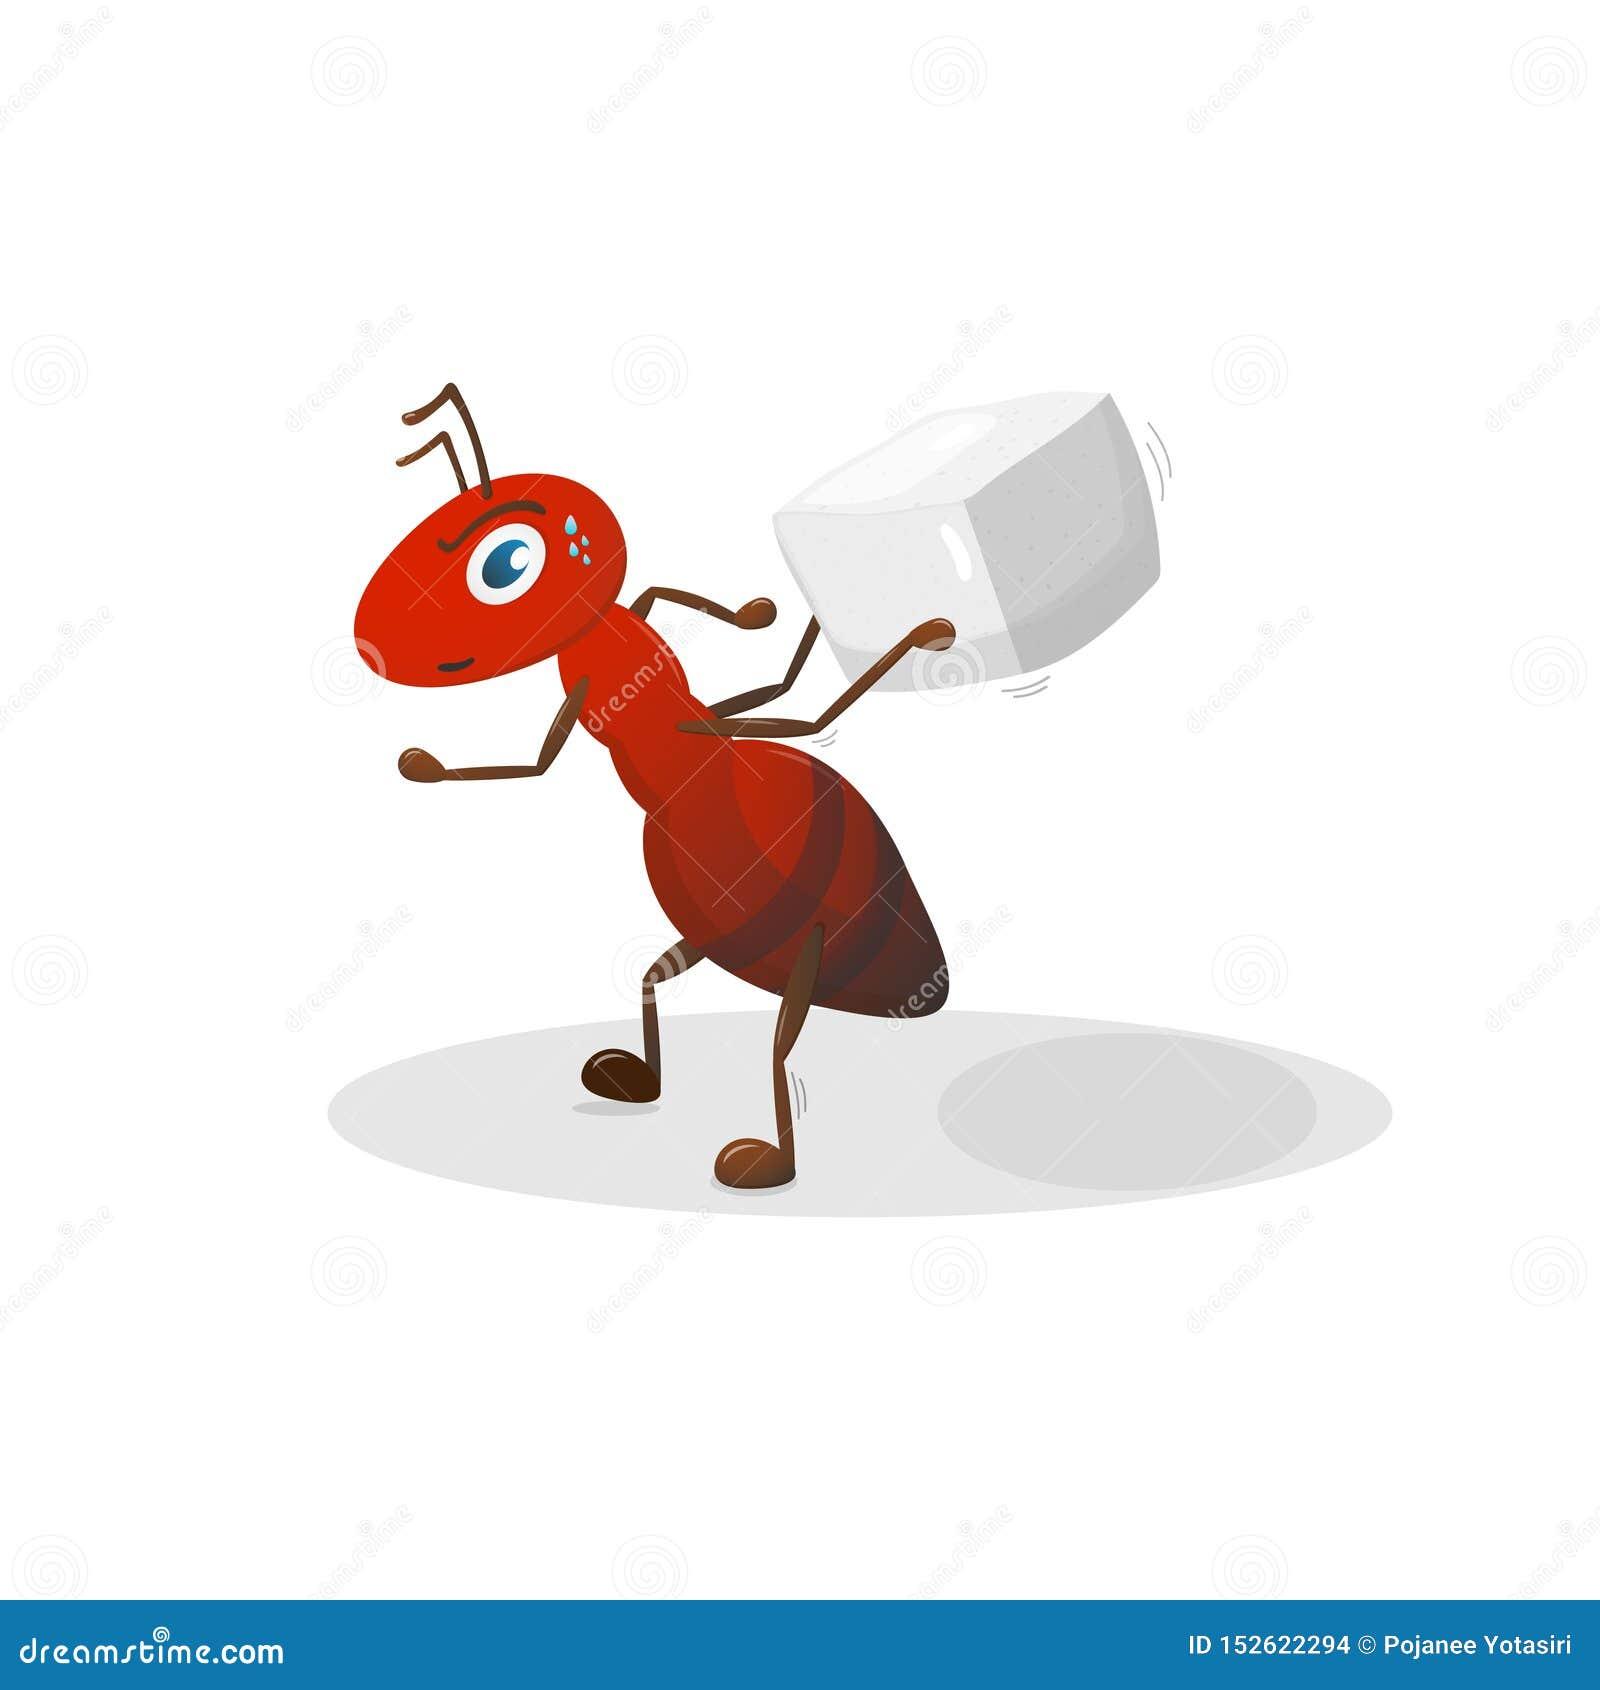 Personaje de dibujos animados rojo de la hormiga objetos en el fondo blanco